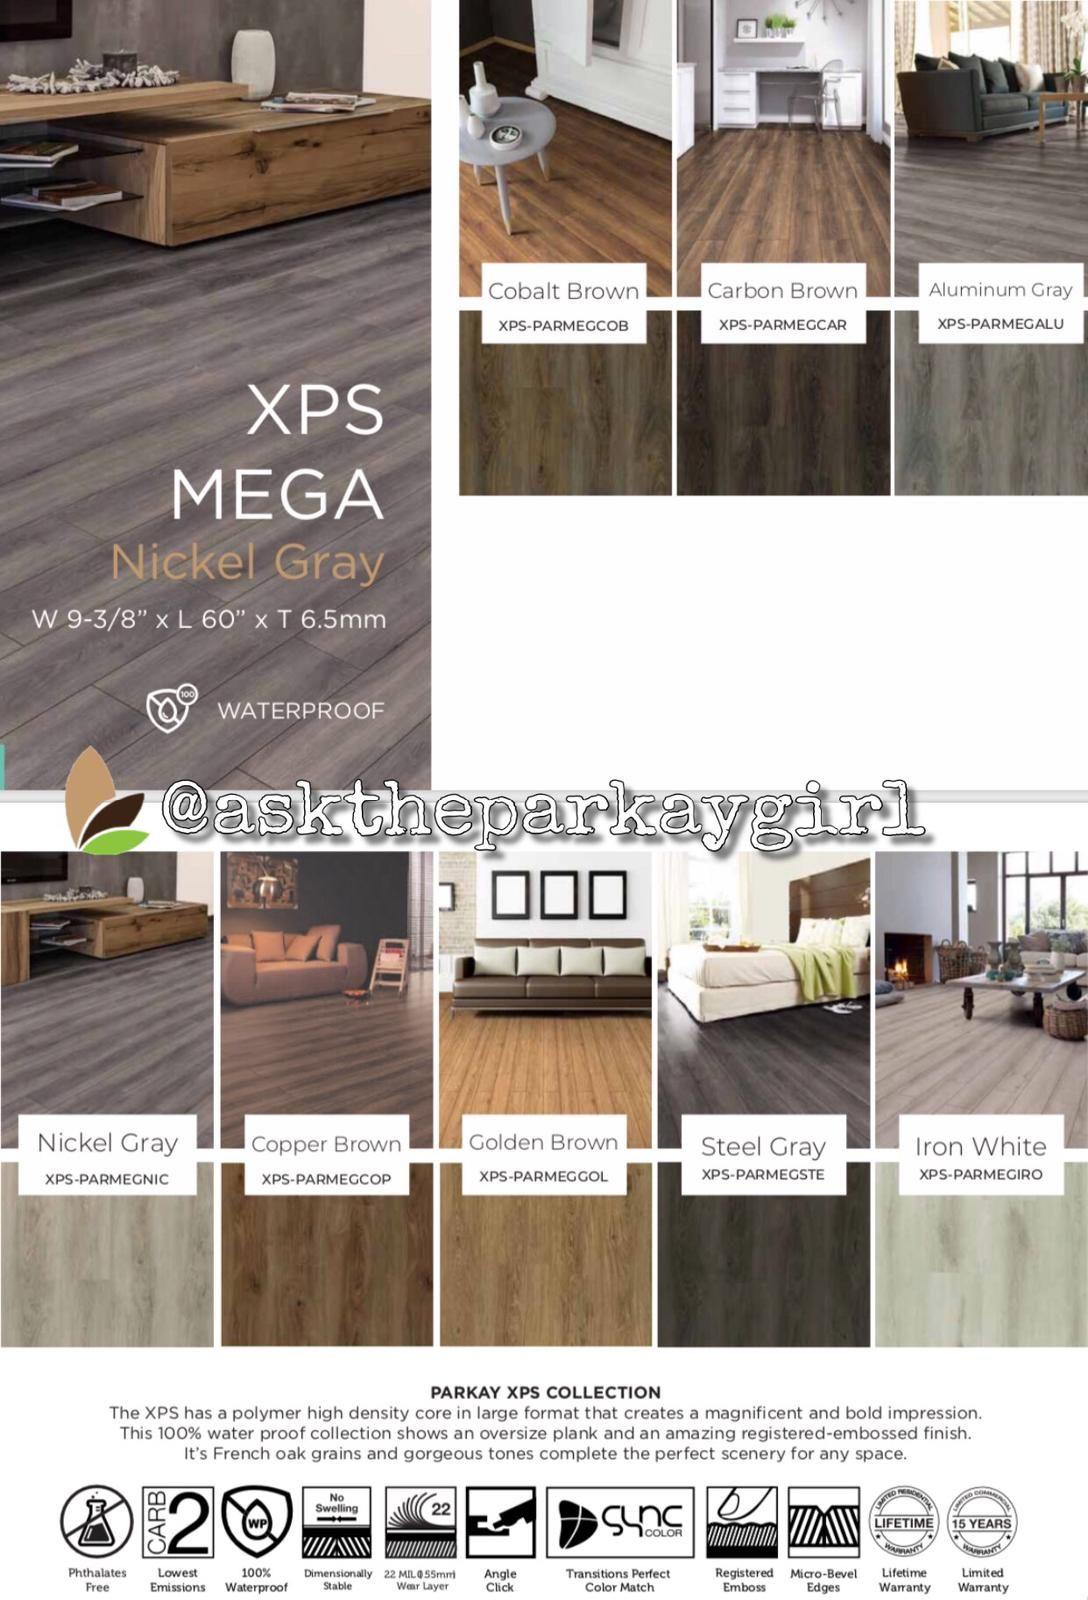 Parkay XPS Mega Collection. vinyl